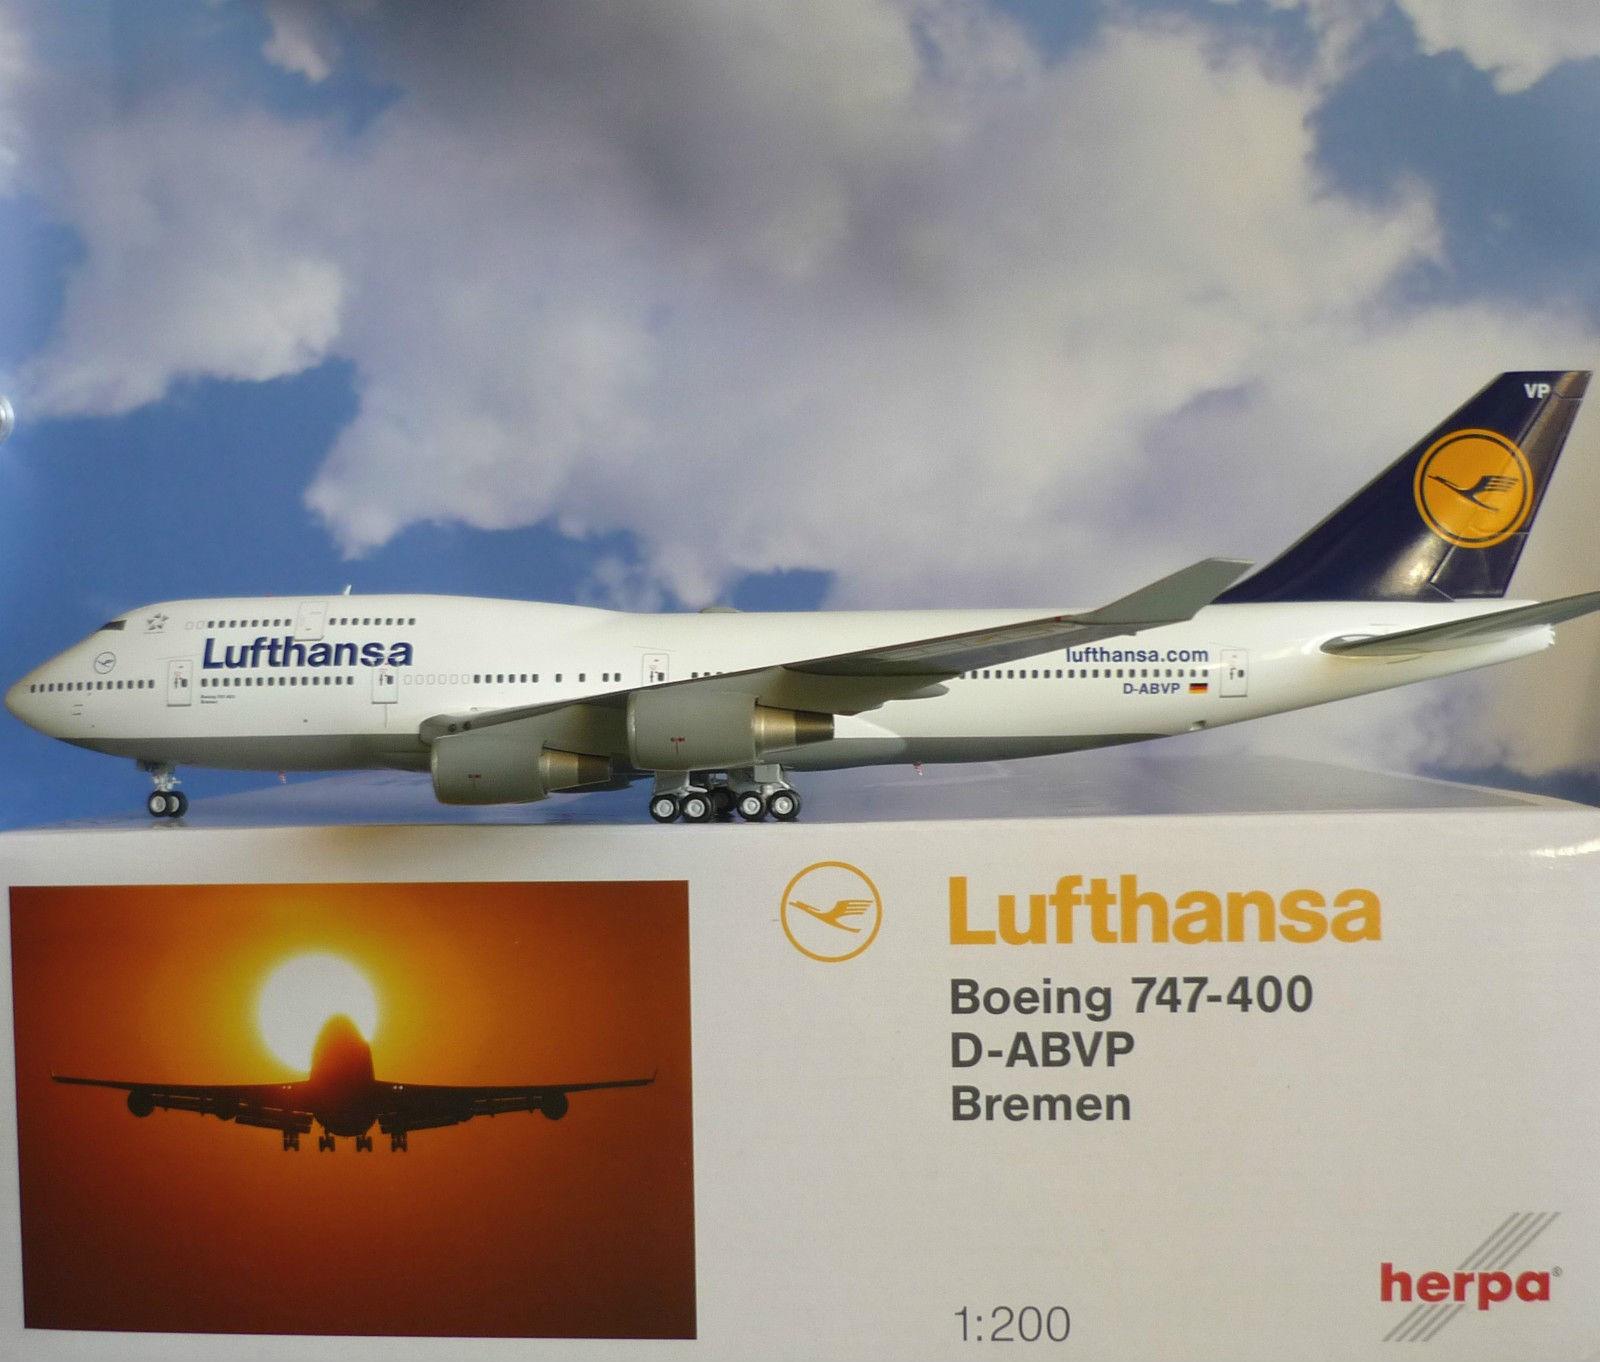 Herpa 1:200 Lufthansa 747-400 metallmodell - Hokksund  - Meget skjelden Herpa 1:200 Lufthansa 747-400 produsert av JC Wings. Meget detaljert modell med landings understell som kan taes av og erstattes med geardoors. Modellen har også stativ. Modellen er som ny med all orginal embalasje. Dette er en - Hokksund